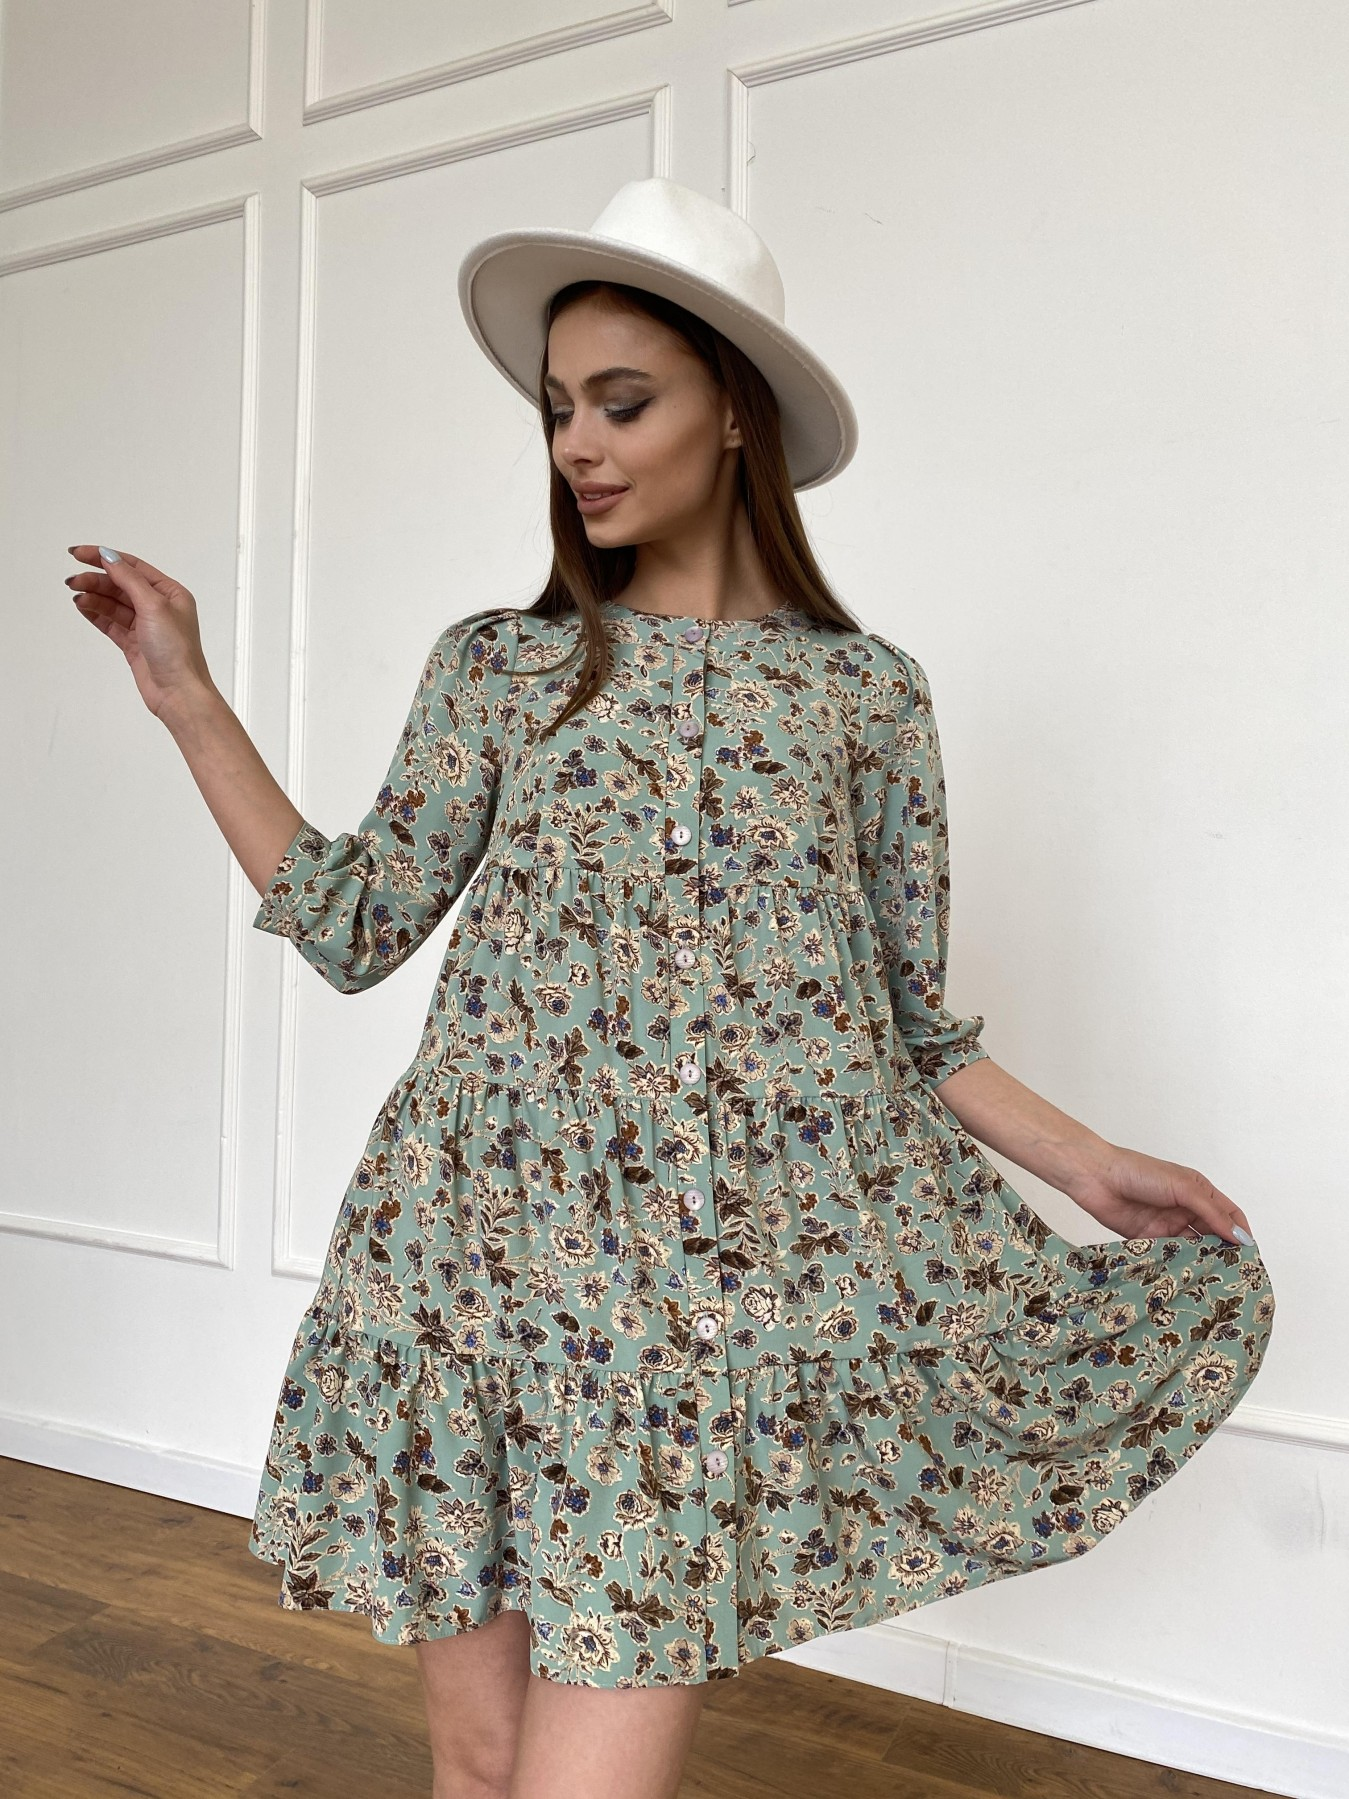 Берри платье из ткани софт в принт 11211 АРТ. 47722 Цвет: Олива/бежевый, Цветы - фото 5, интернет магазин tm-modus.ru